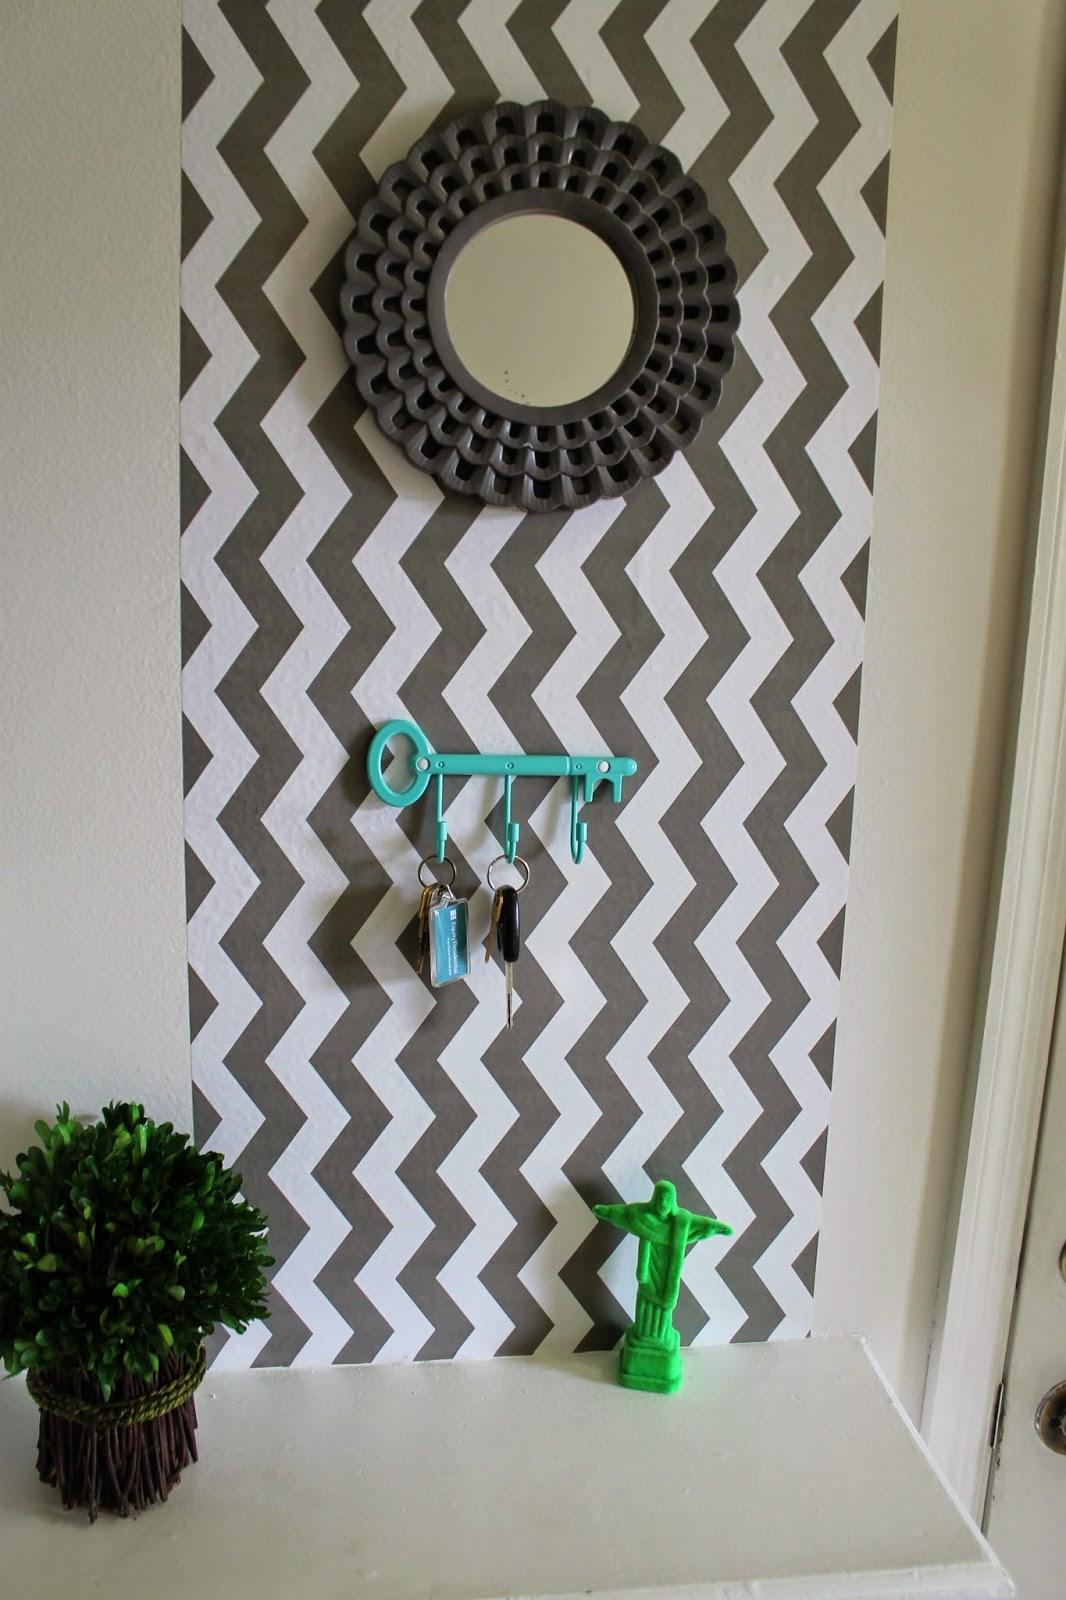 Casa montada uma forma f cil e econ mica de usar papel - Papel pared entrada ...